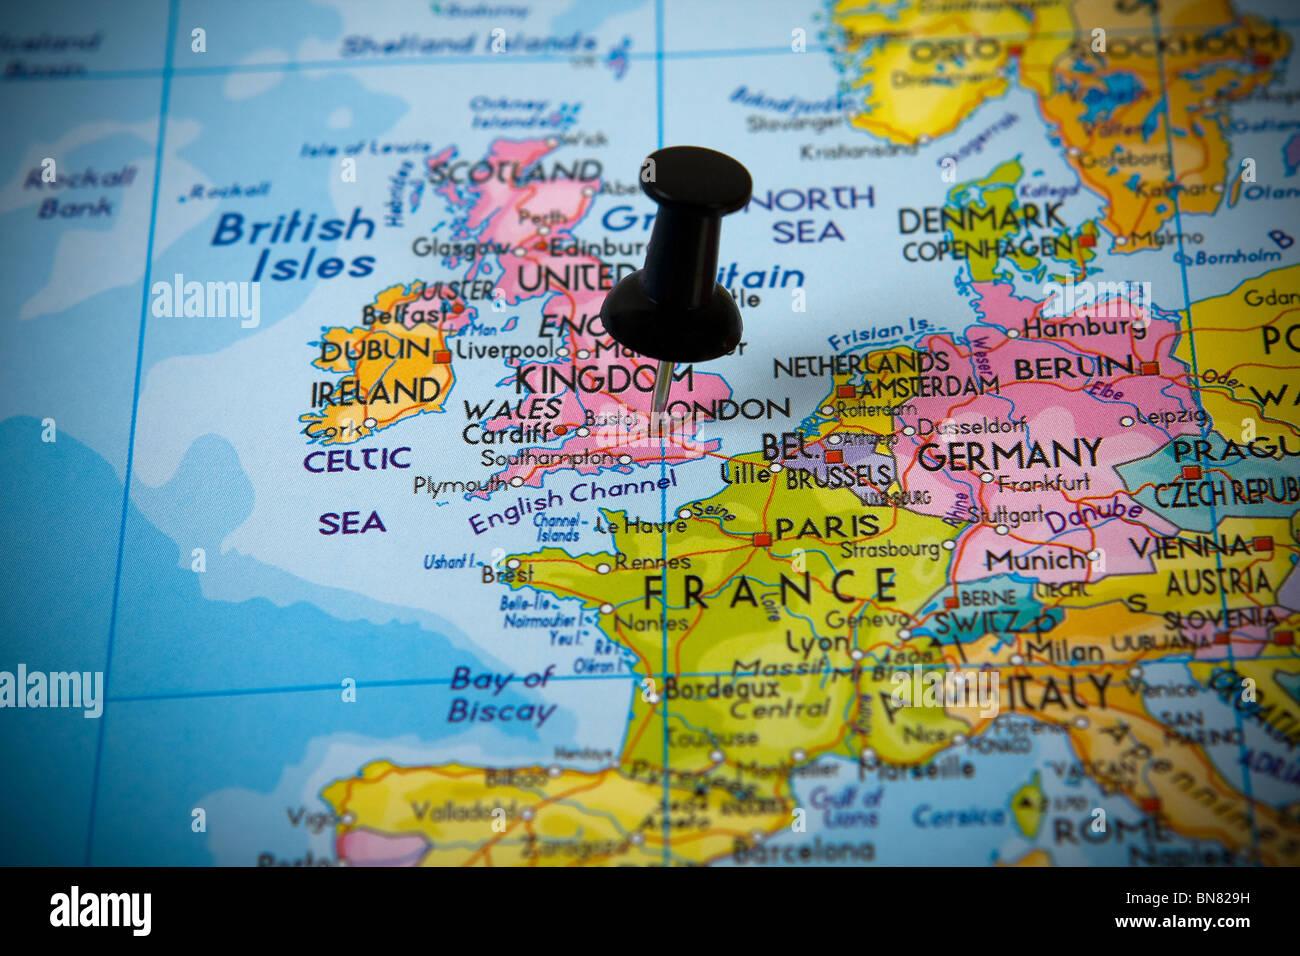 Frankfurt Karte Europa.Kleinen Pin Zeigt Auf London Uk Auf Einer Karte Von Europa